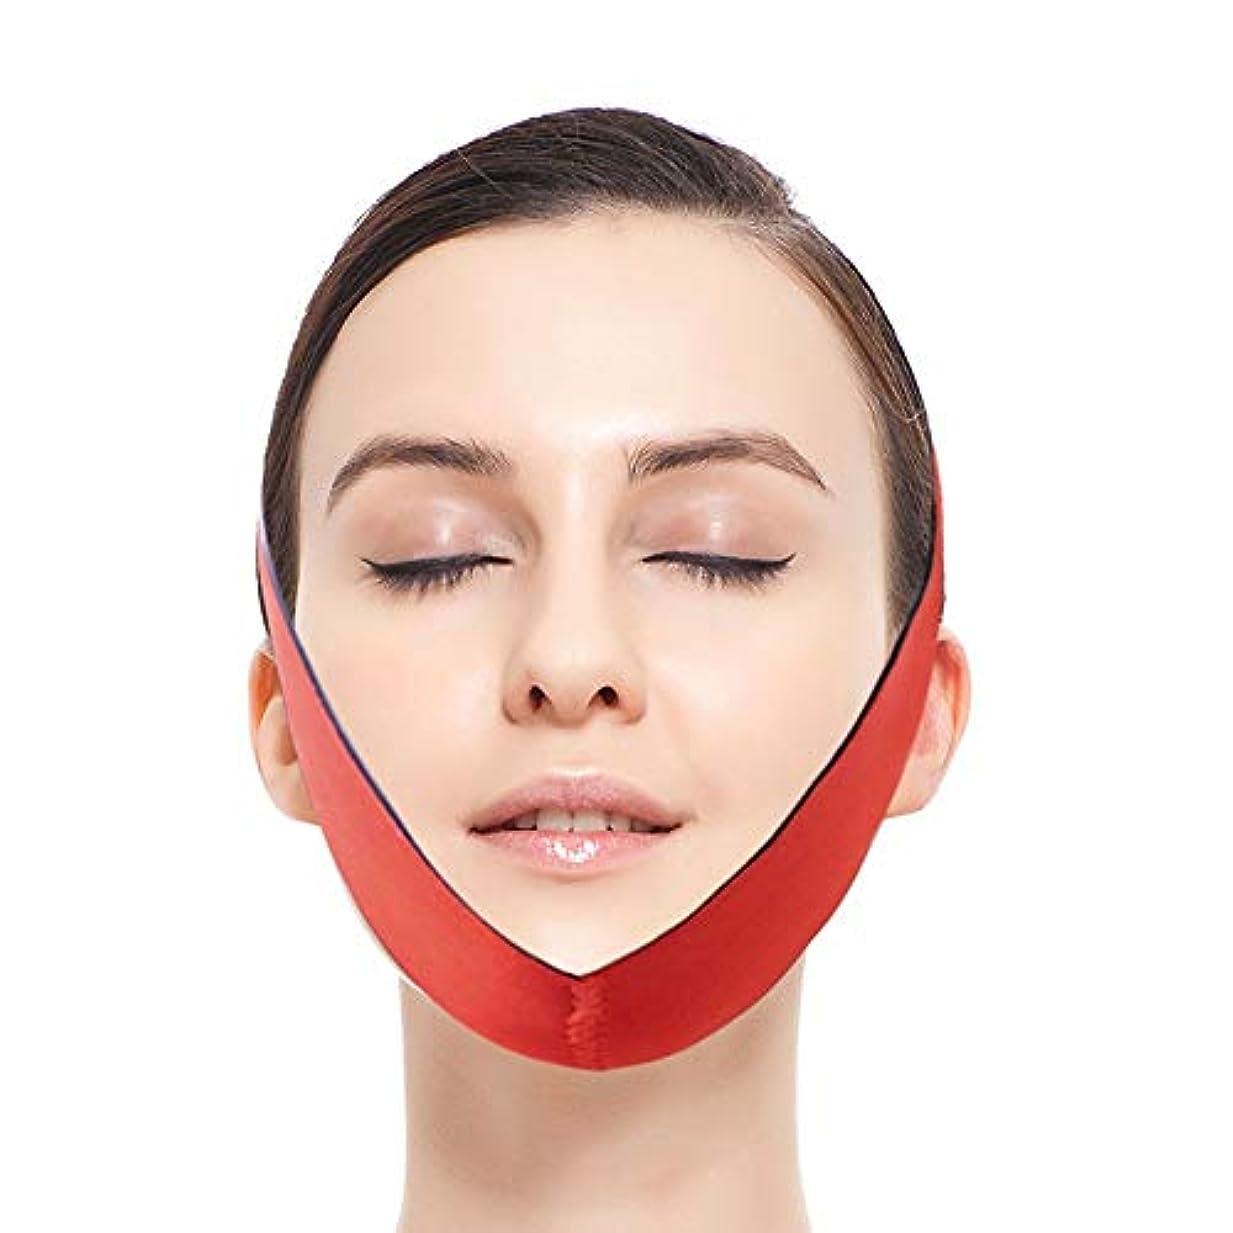 ちょうつがい窒息させる気づくなるフェイスリフティングアーティファクトVフェイス包帯マスクダブルあご引き締め顔薄い咬傷筋肉下顎矯正顔